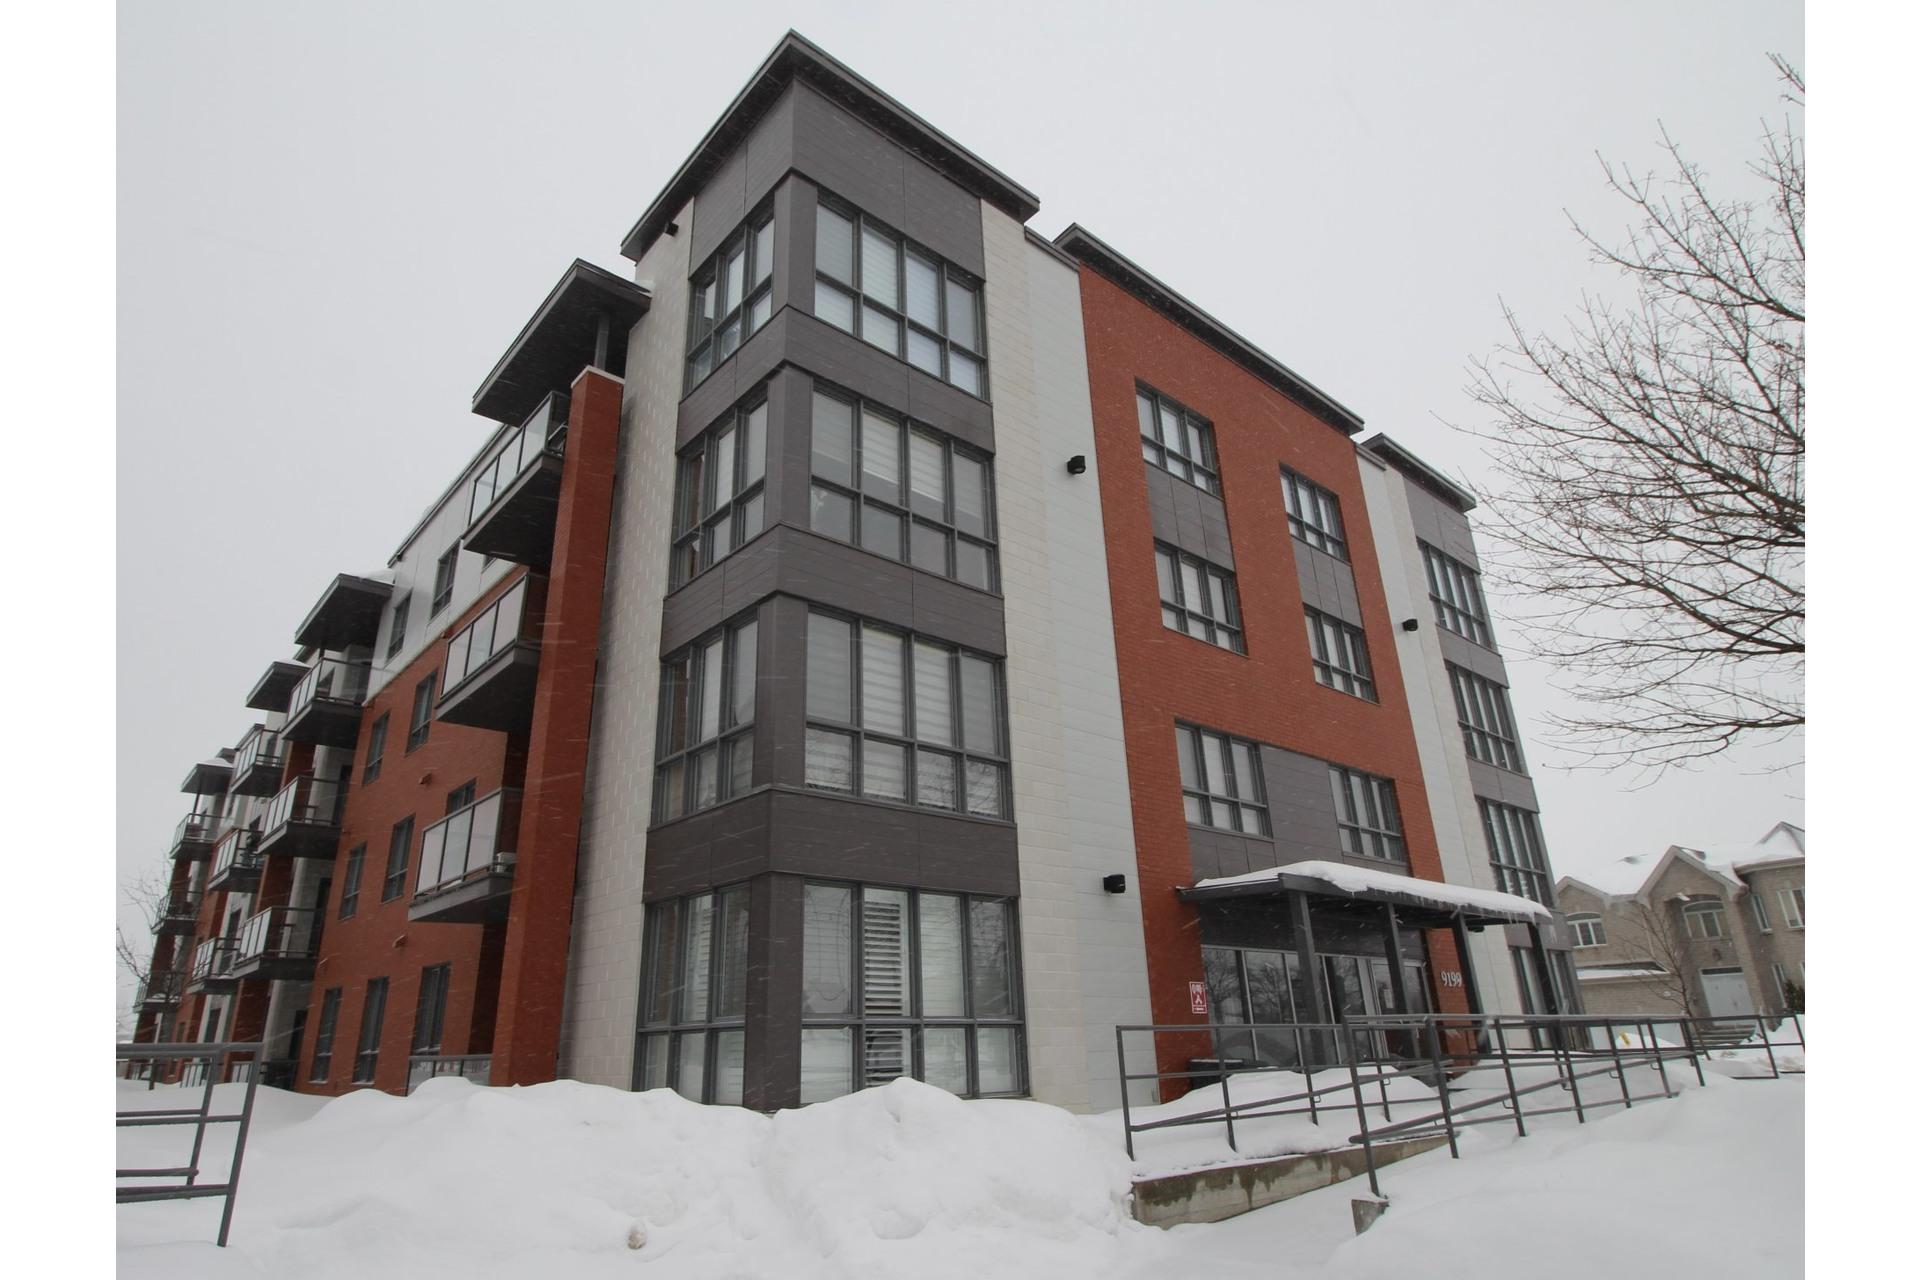 image 25 - Apartment For rent Rivière-des-Prairies/Pointe-aux-Trembles Montréal  - 6 rooms